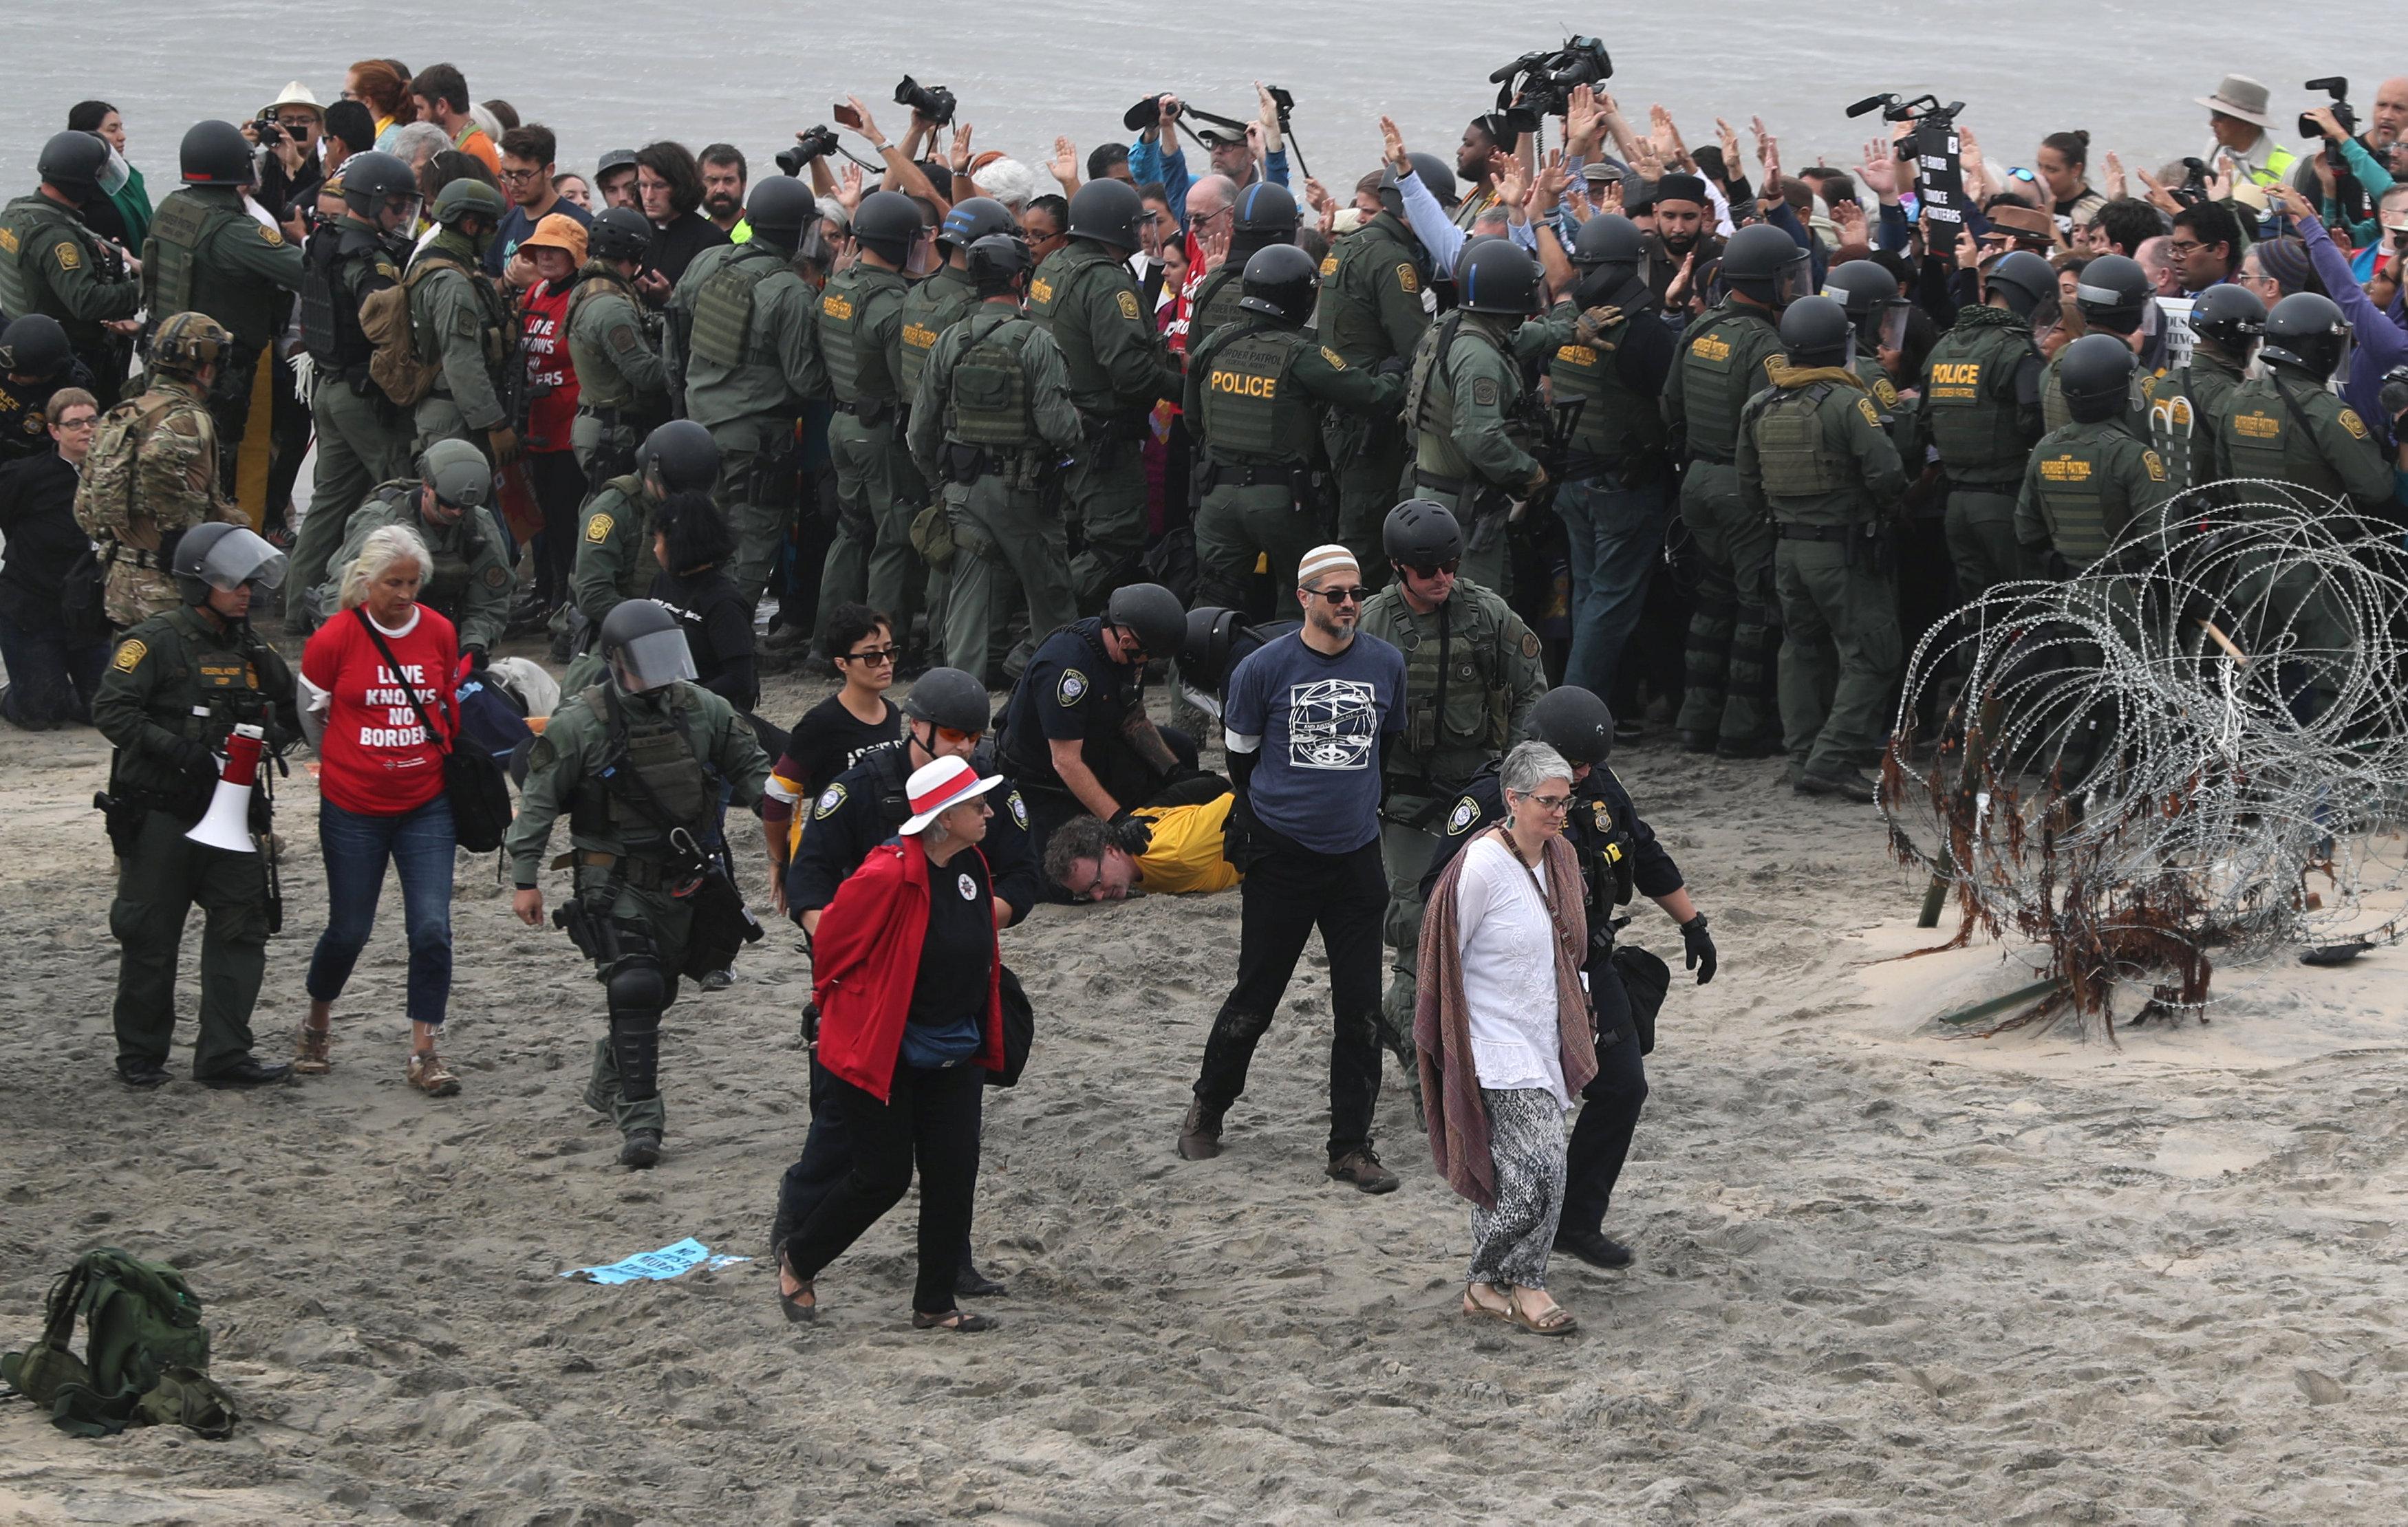 اعتقال مهاجرين على الجانب الأمريكى من الحدود مع المكسيك  (13)